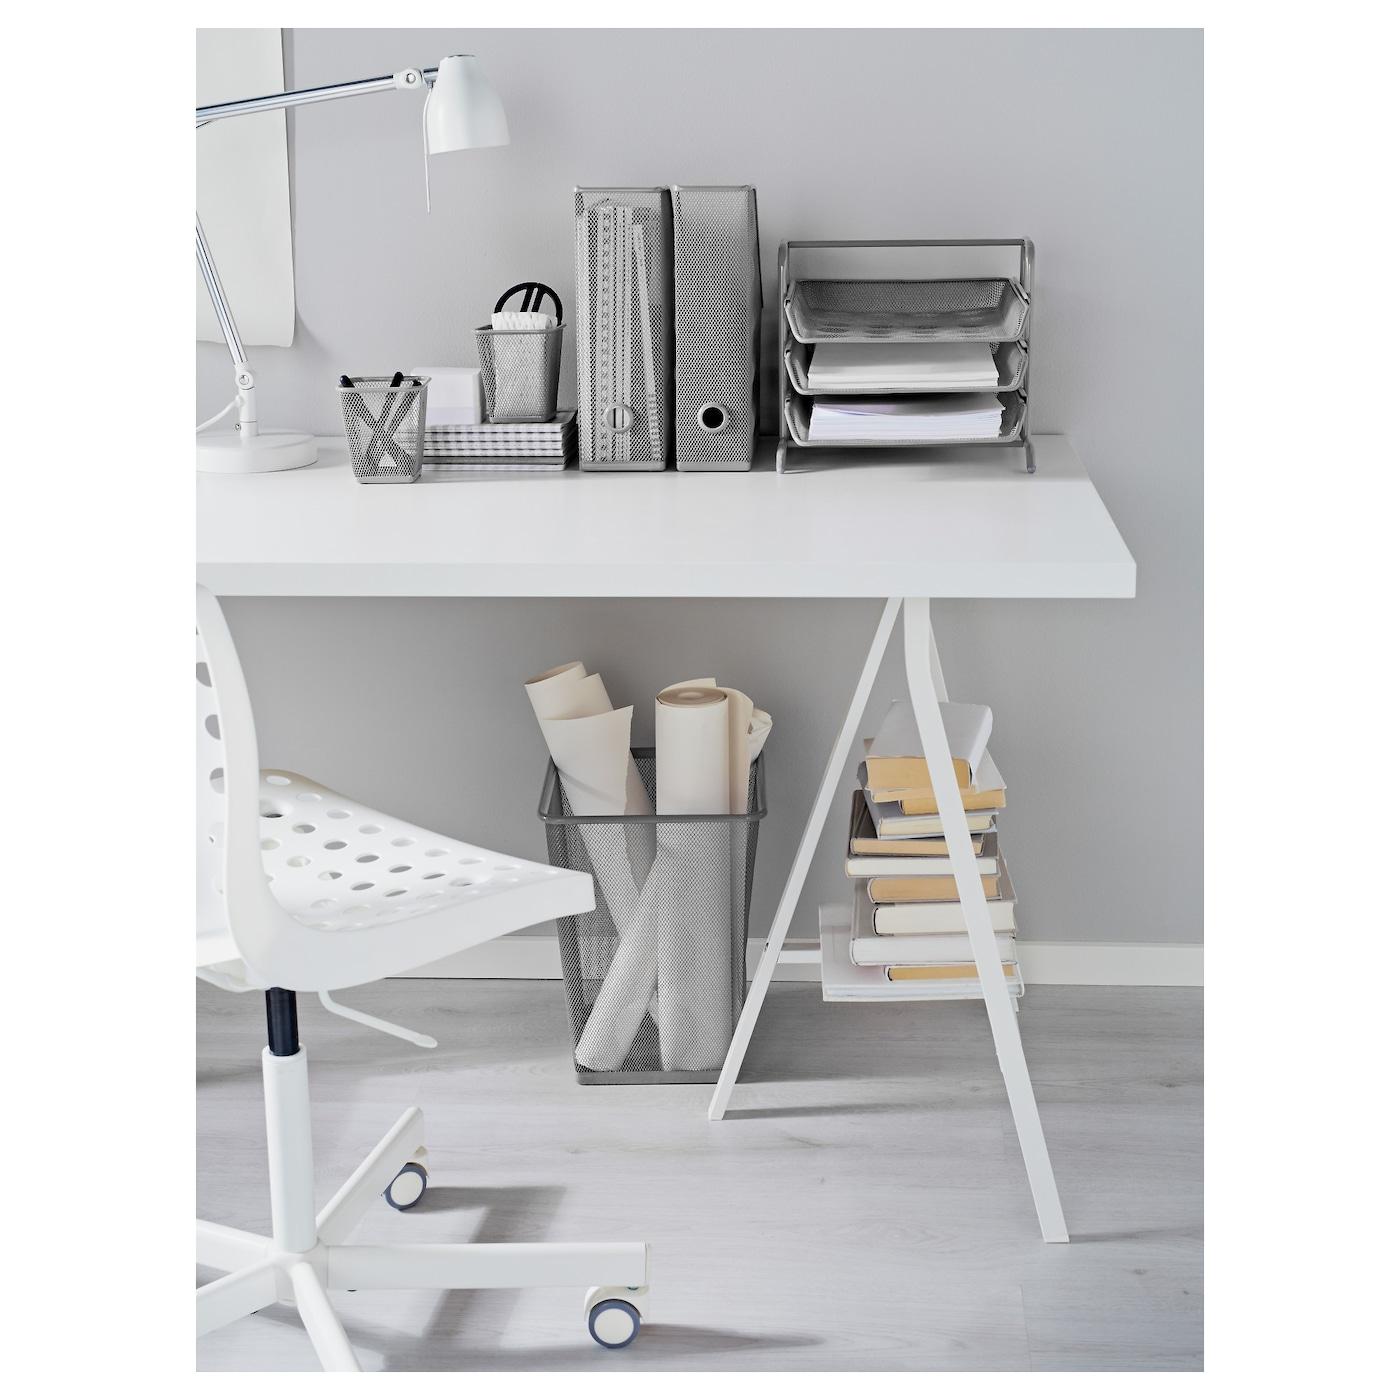 Waste Paper Basket dokument wastepaper basket silver-colour - ikea